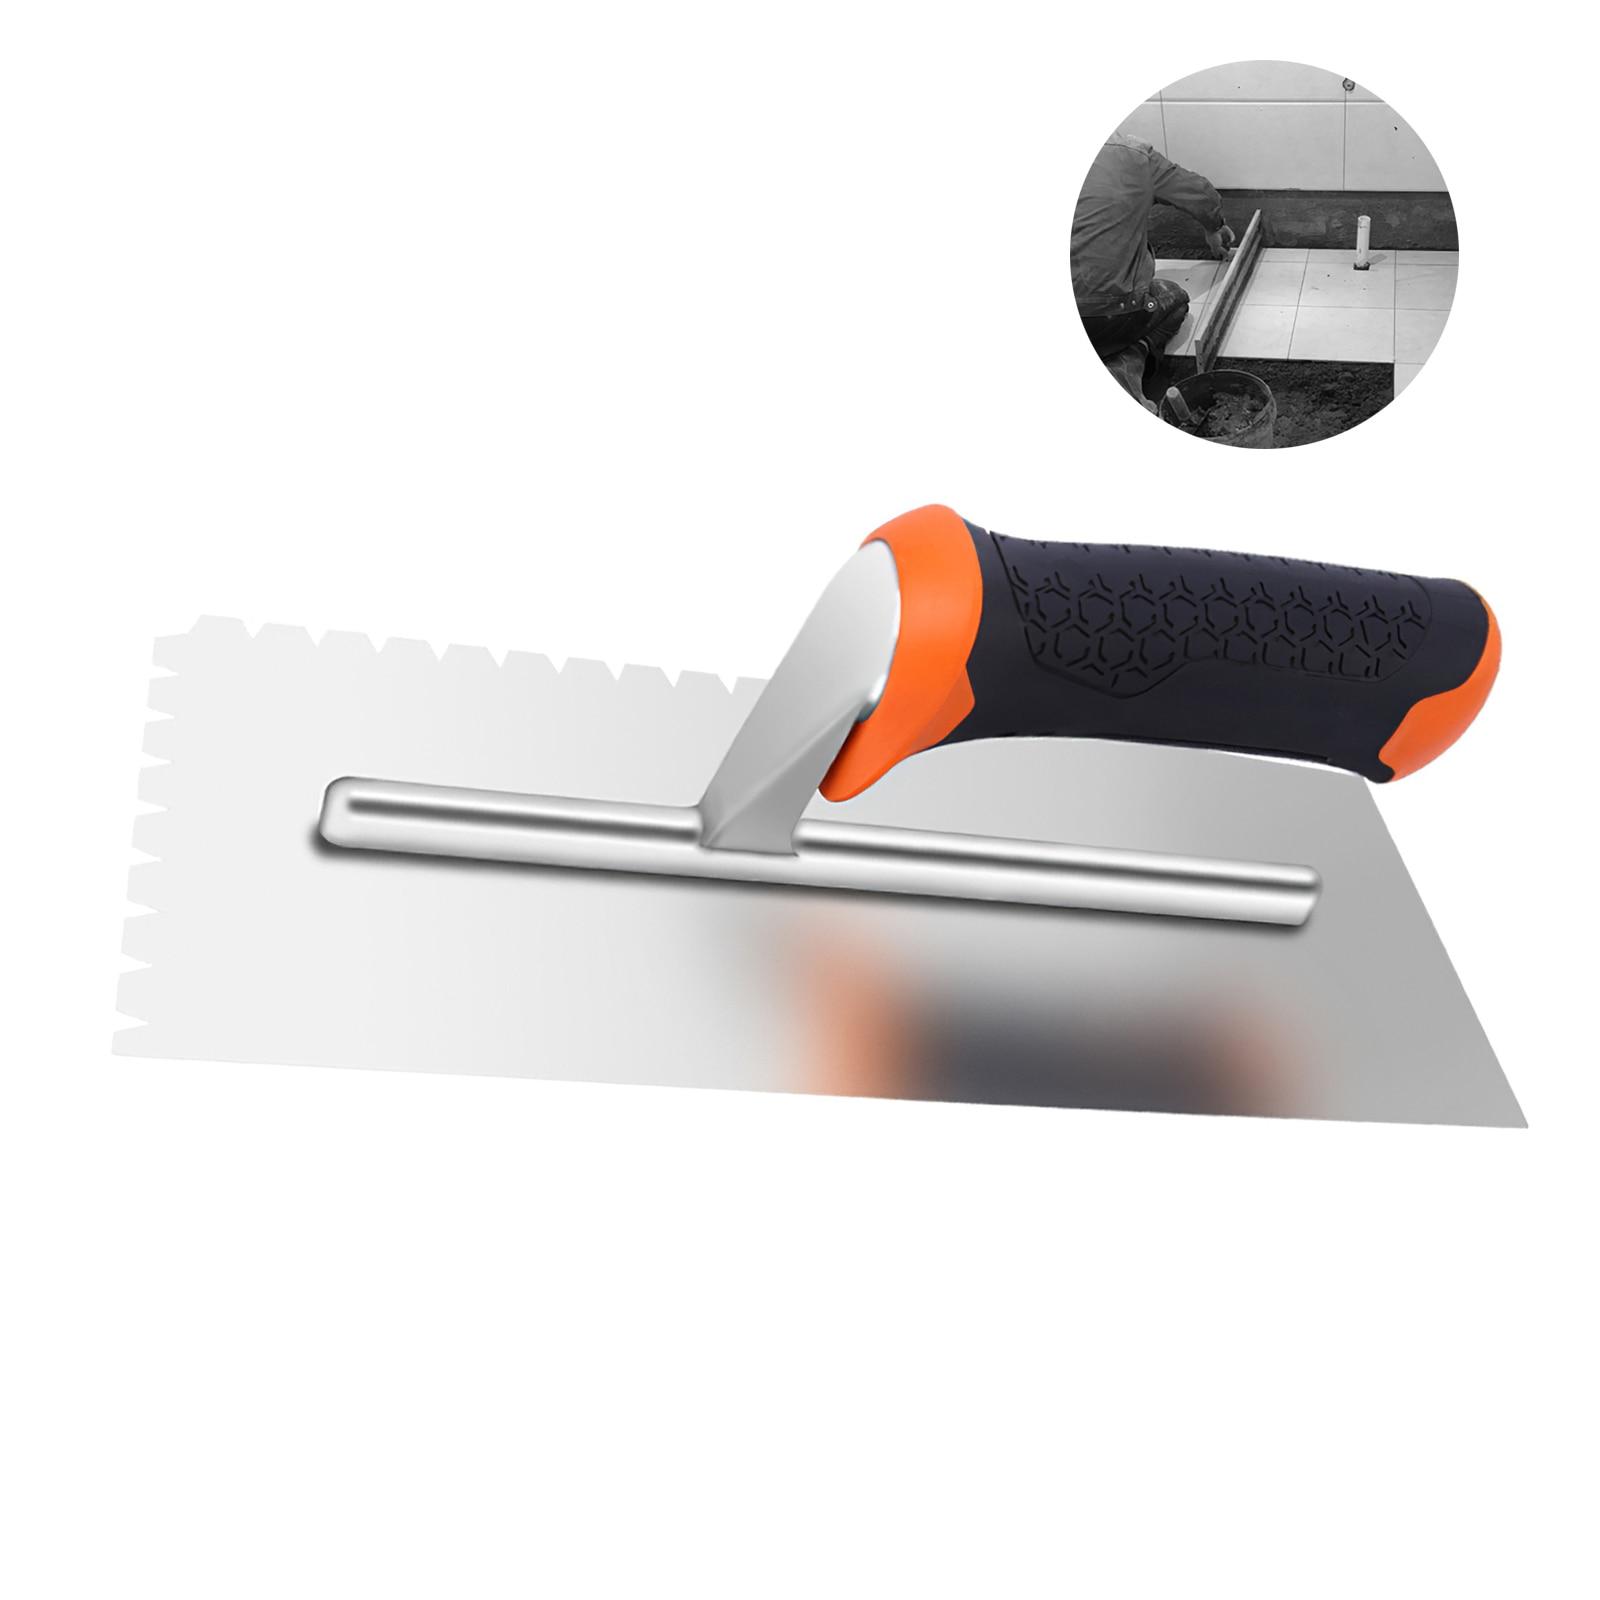 Квадратный Мастерок из углеродистой стали 28x11 см с пластиковой ручкой для ручных инструментов, кирпичная кладка промышленного класса